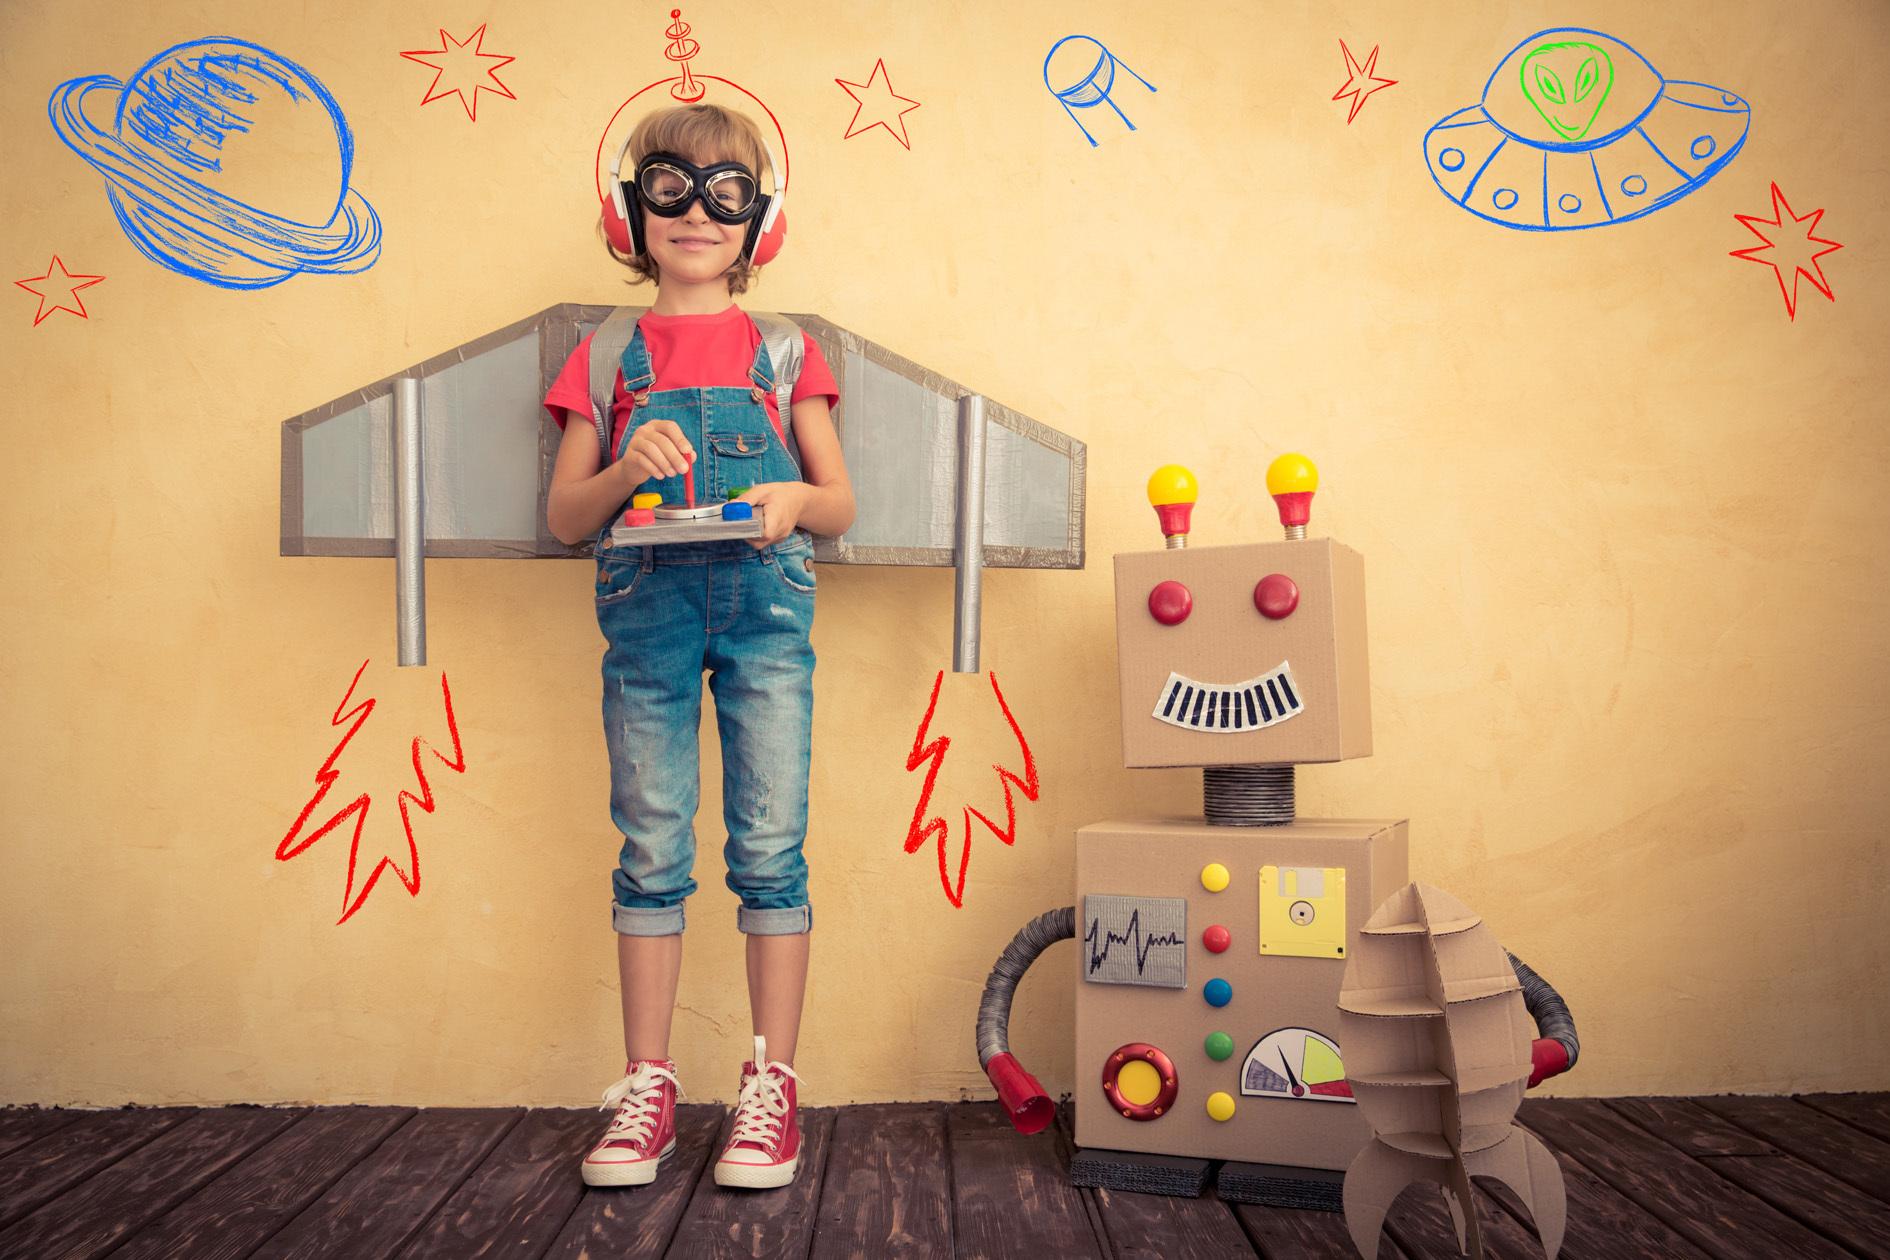 子供から大人まで楽しめる!Spheroの値段と使い方を解説